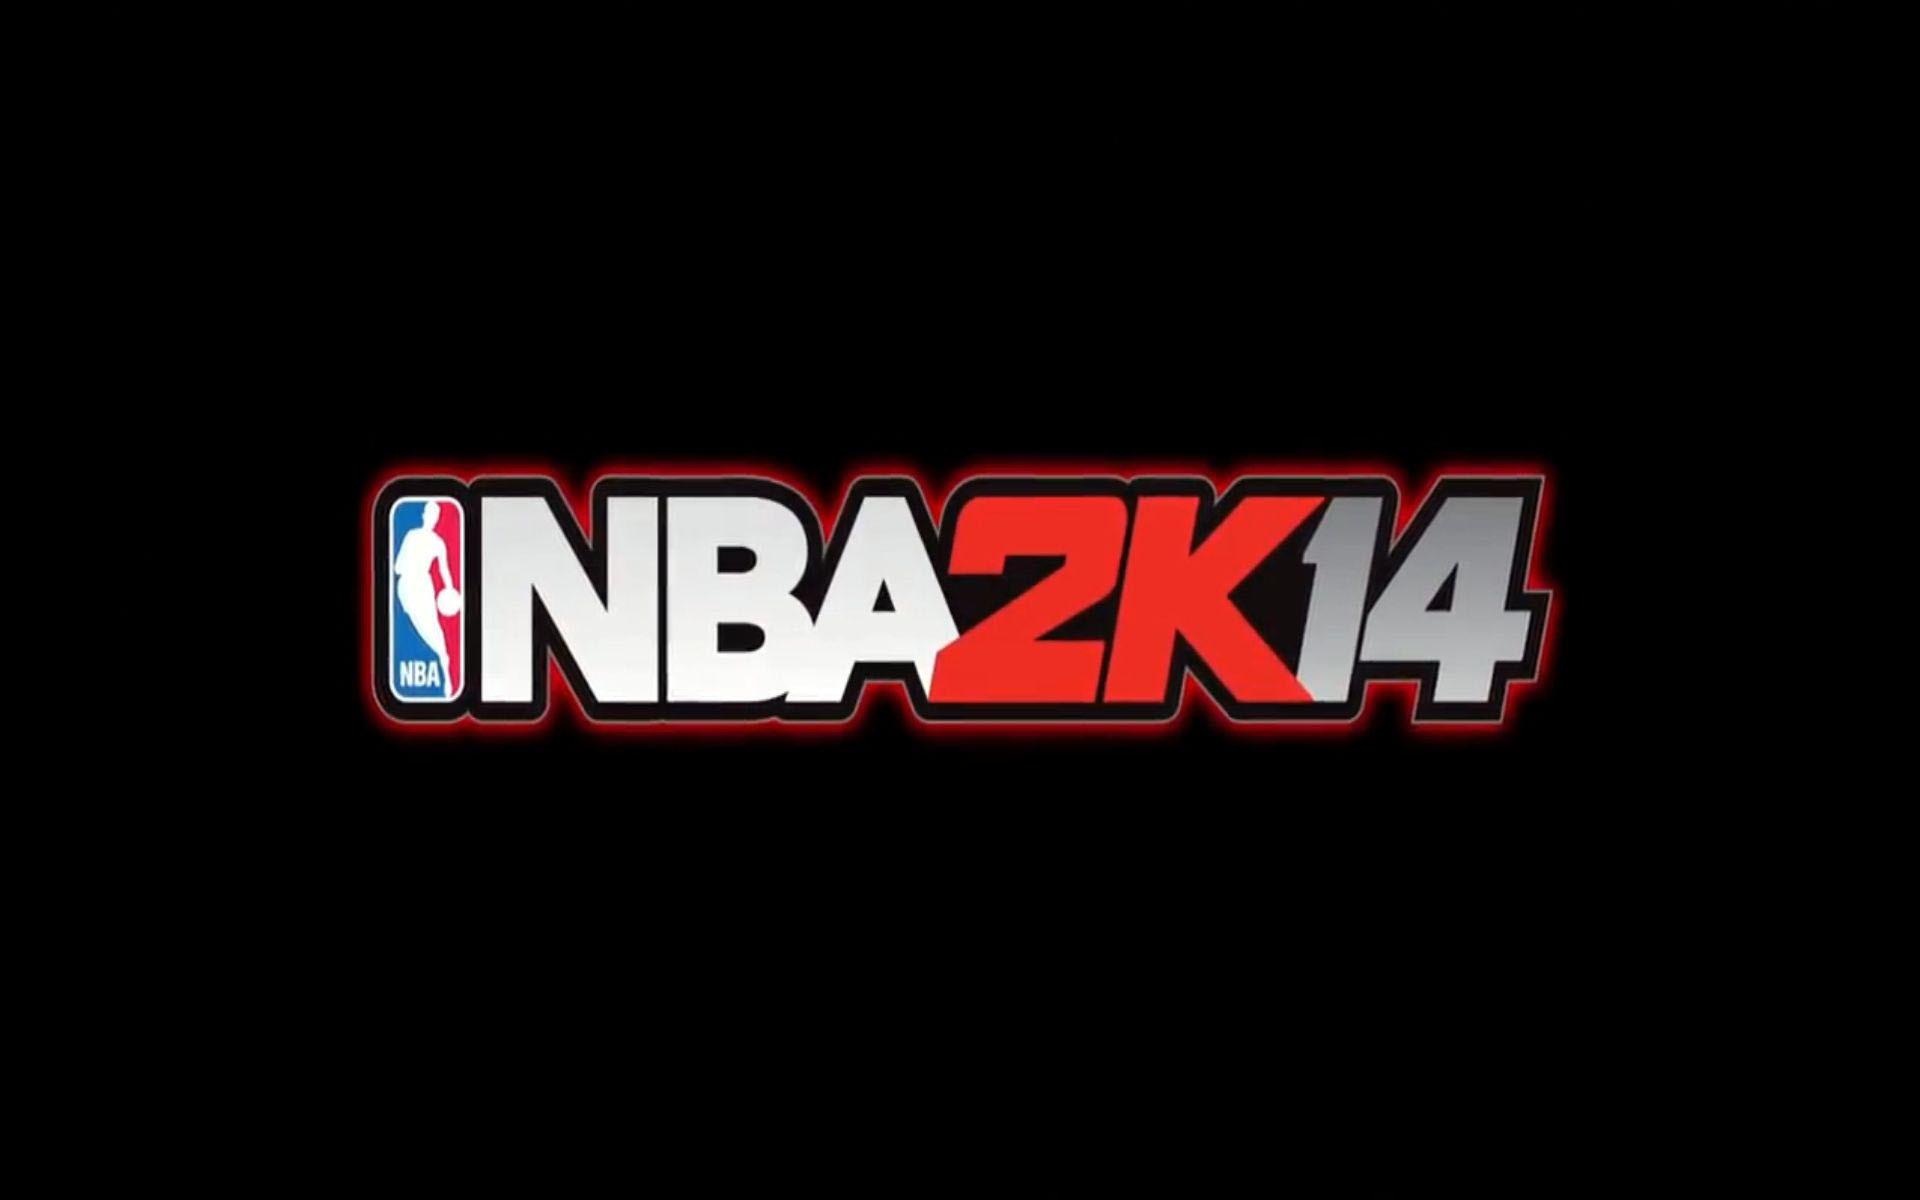 NBA 2K14 Logo wallpaper